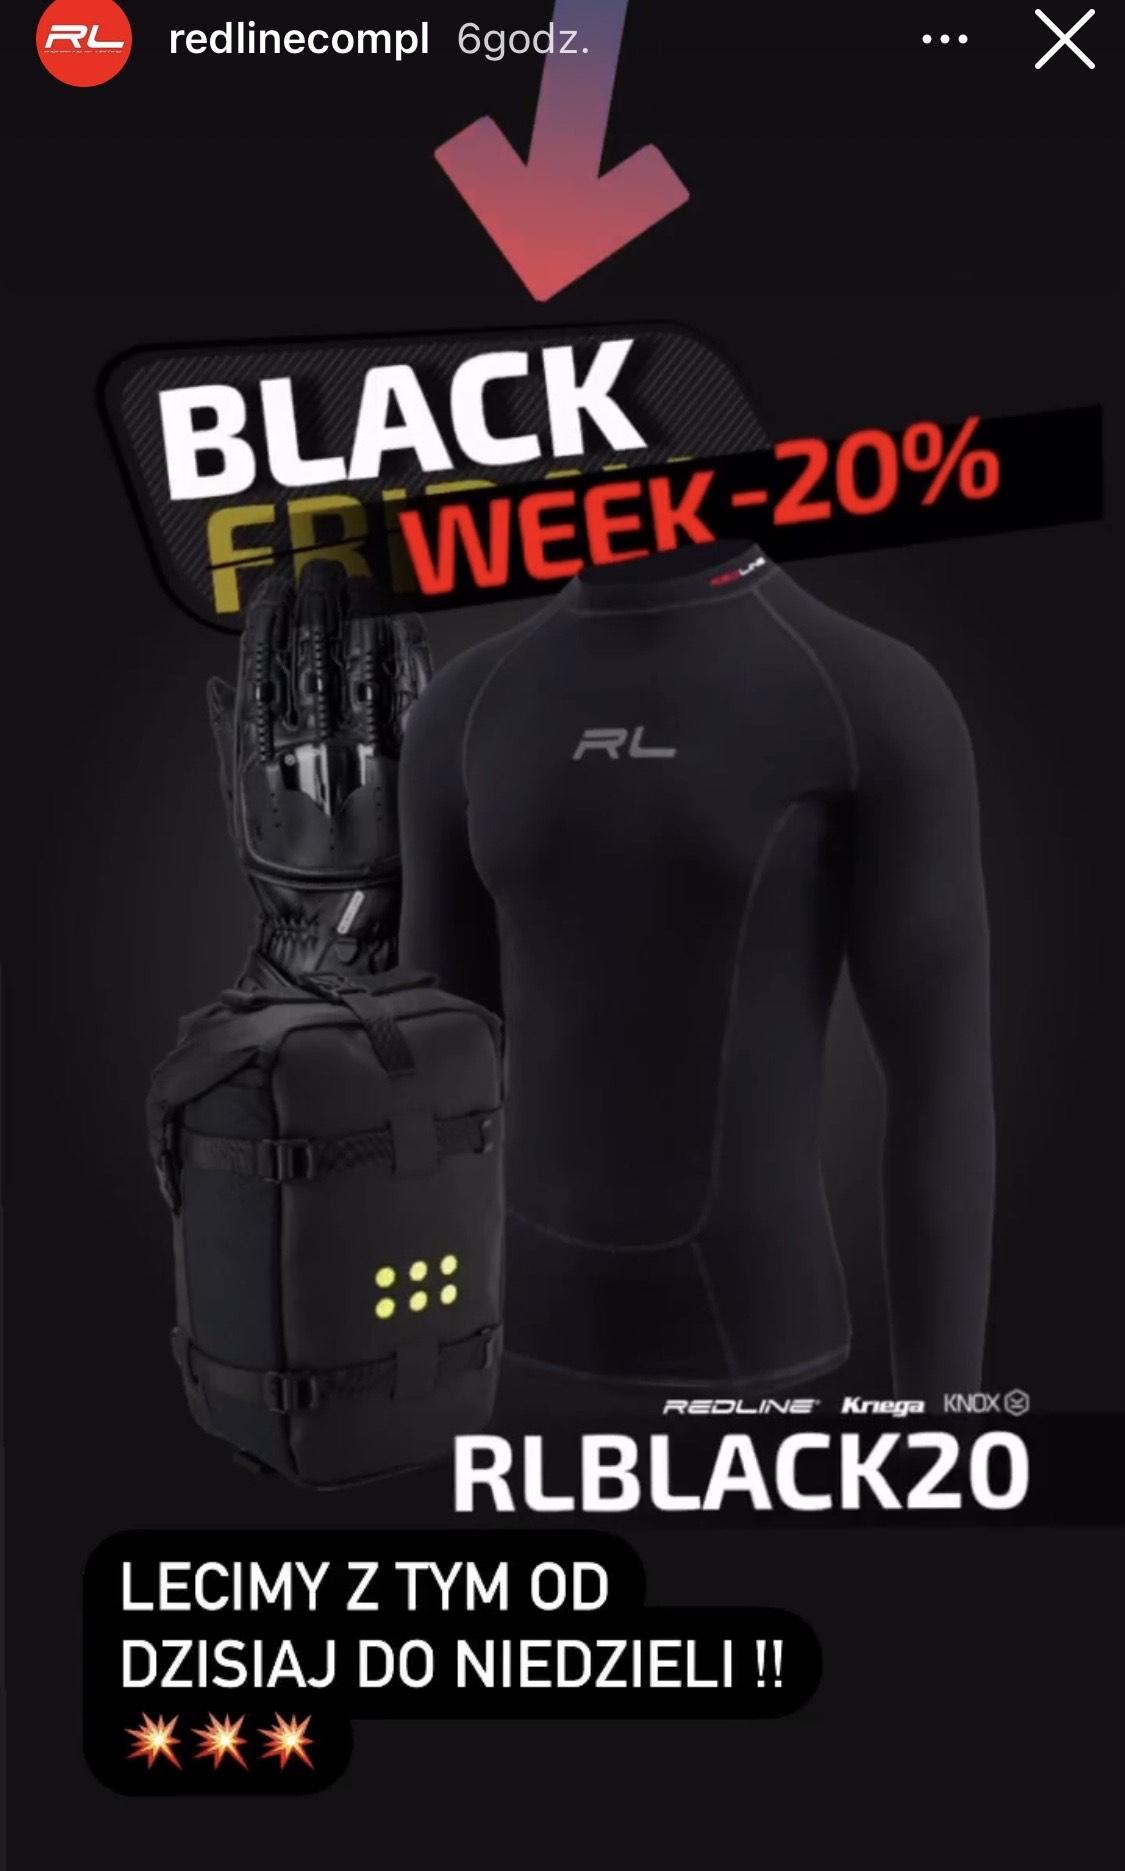 20% rabatu na cała ofertę redline.com.pl (ubrania i akcesoria motocyklowe, termoaktywne)